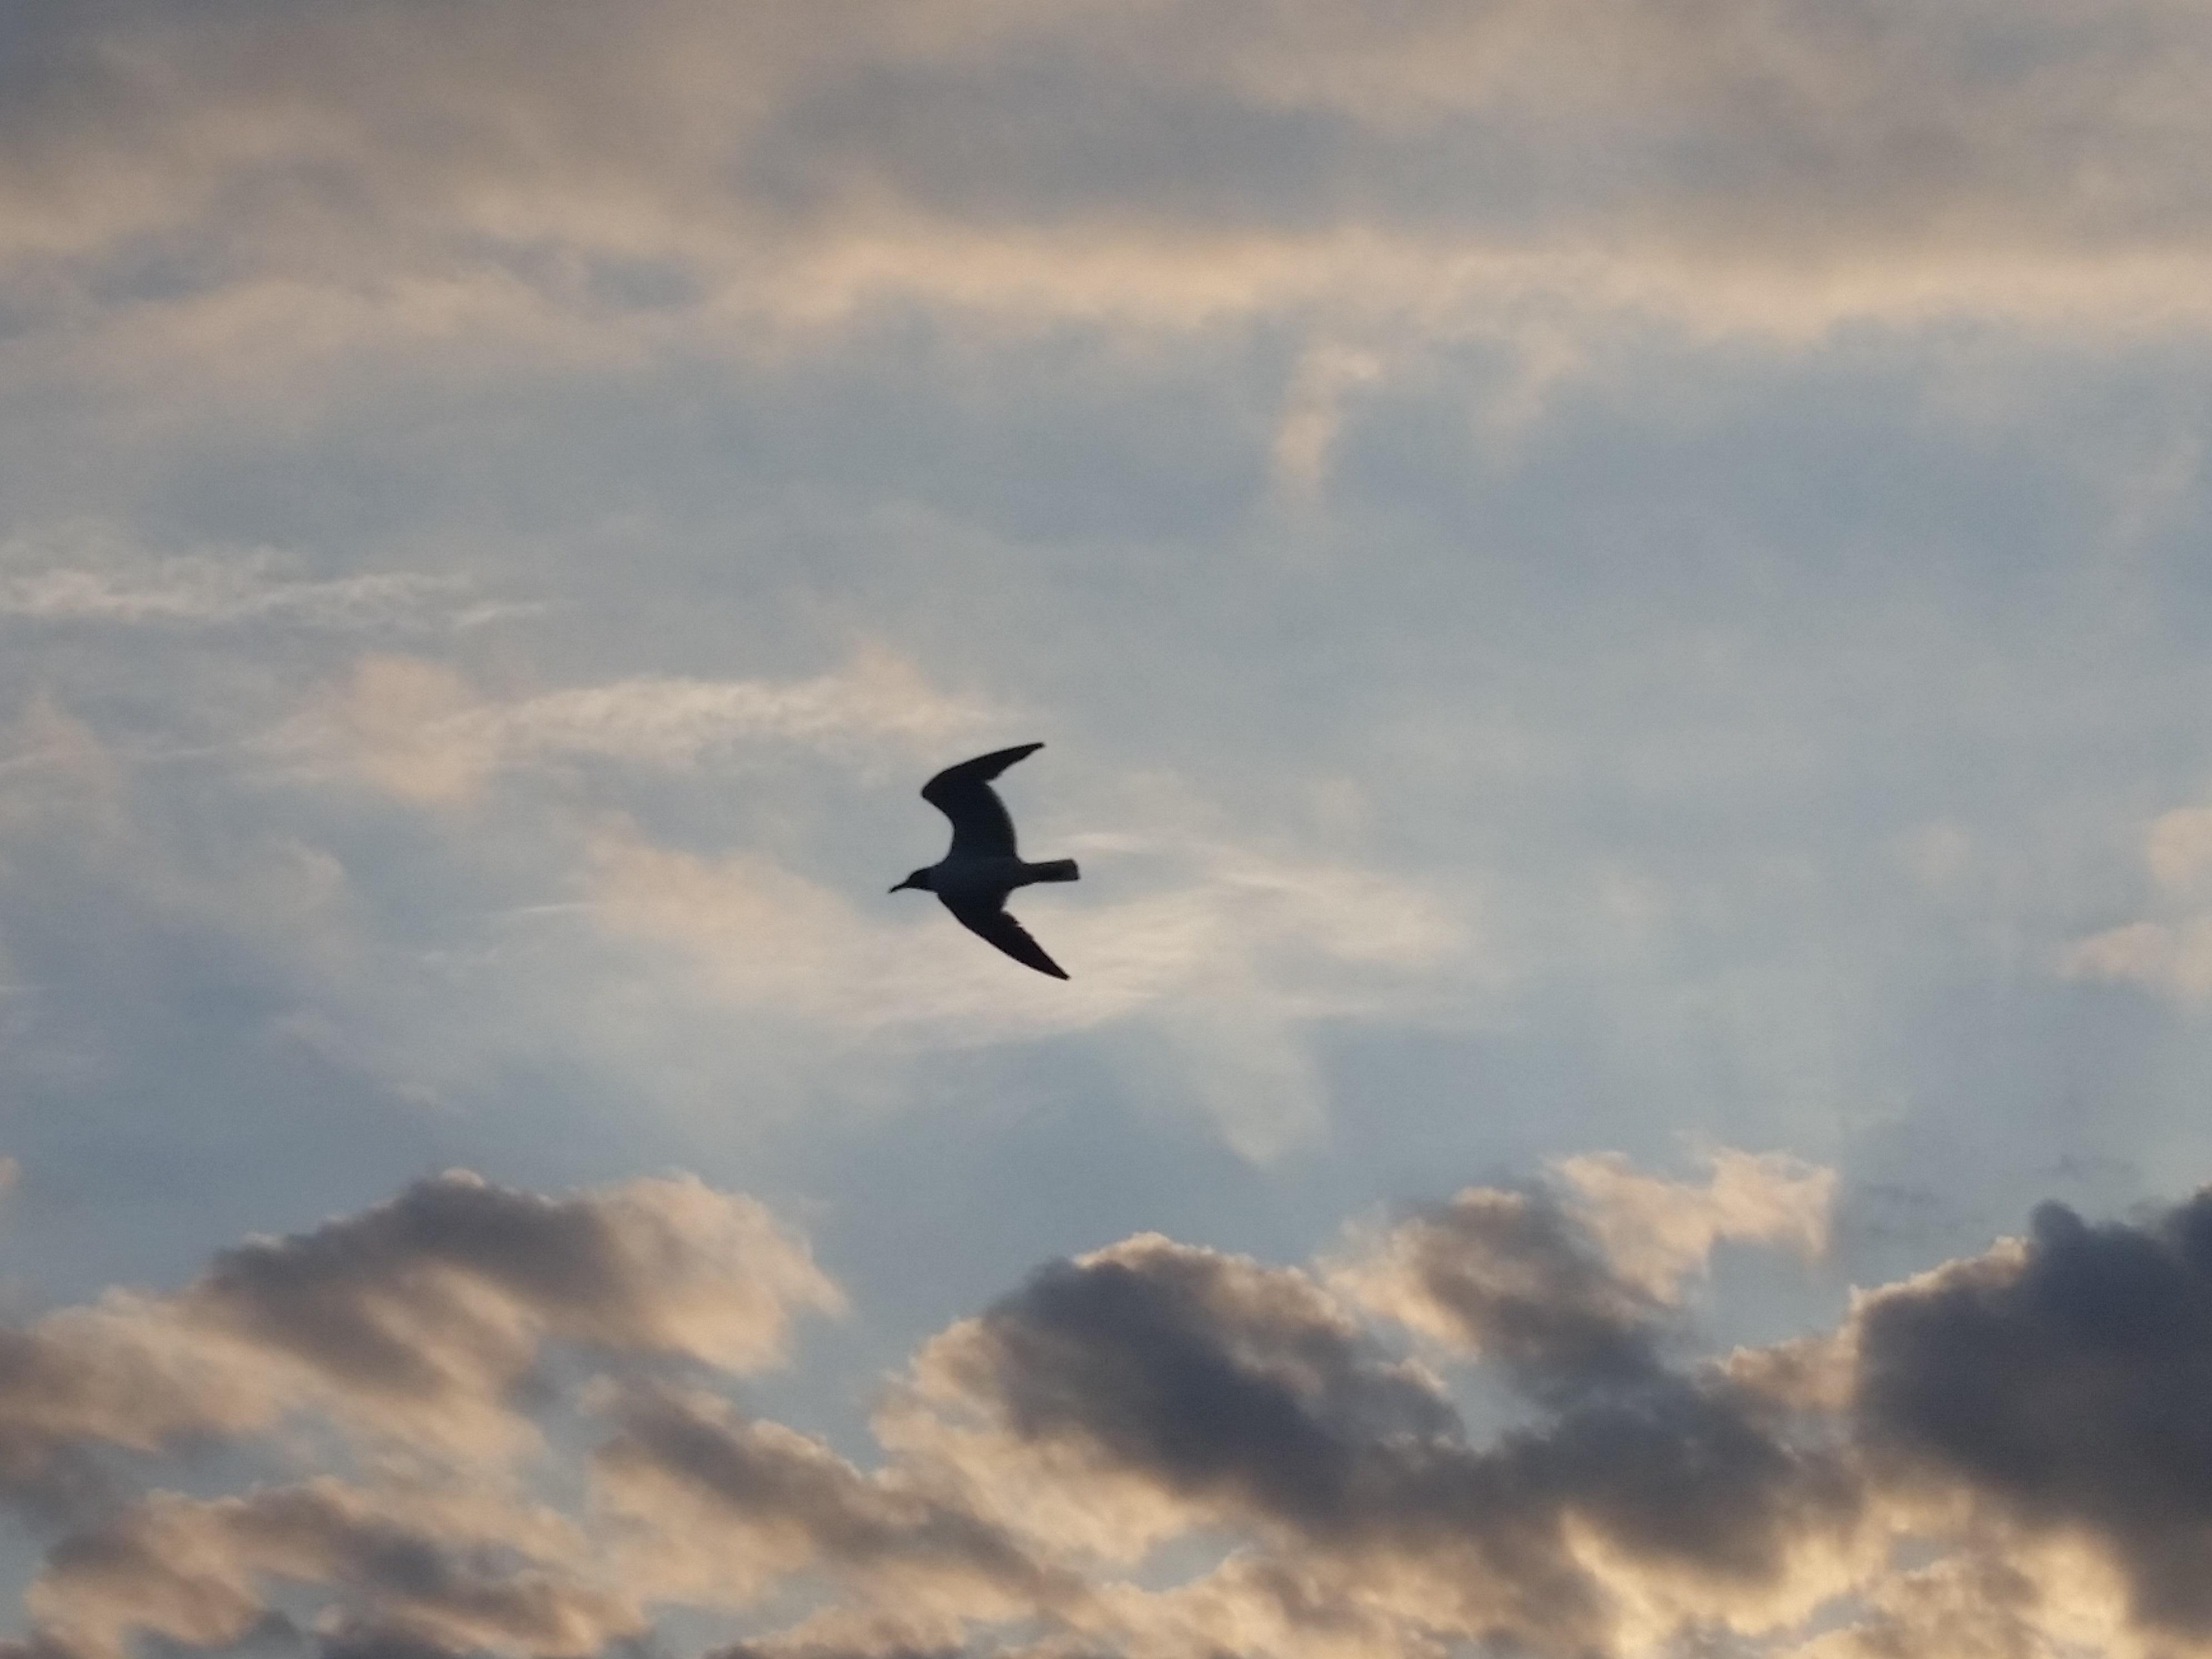 20160712_193105-bird-in-flight